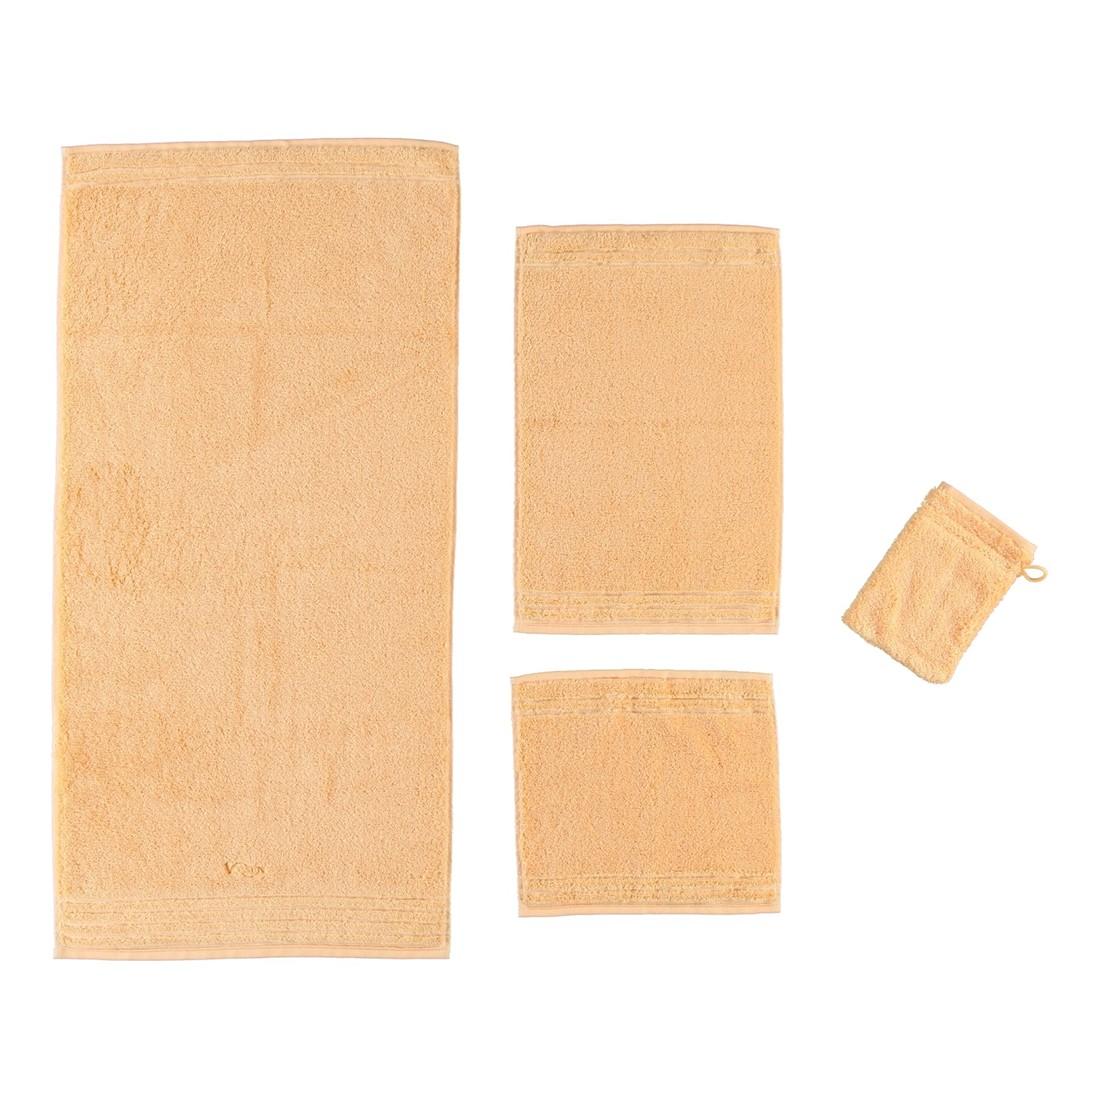 Handtuch Vienna Style Supersoft – 100% Baumwolle apricot – 220 – Badetuch: 100 x 150 cm, Vossen günstig